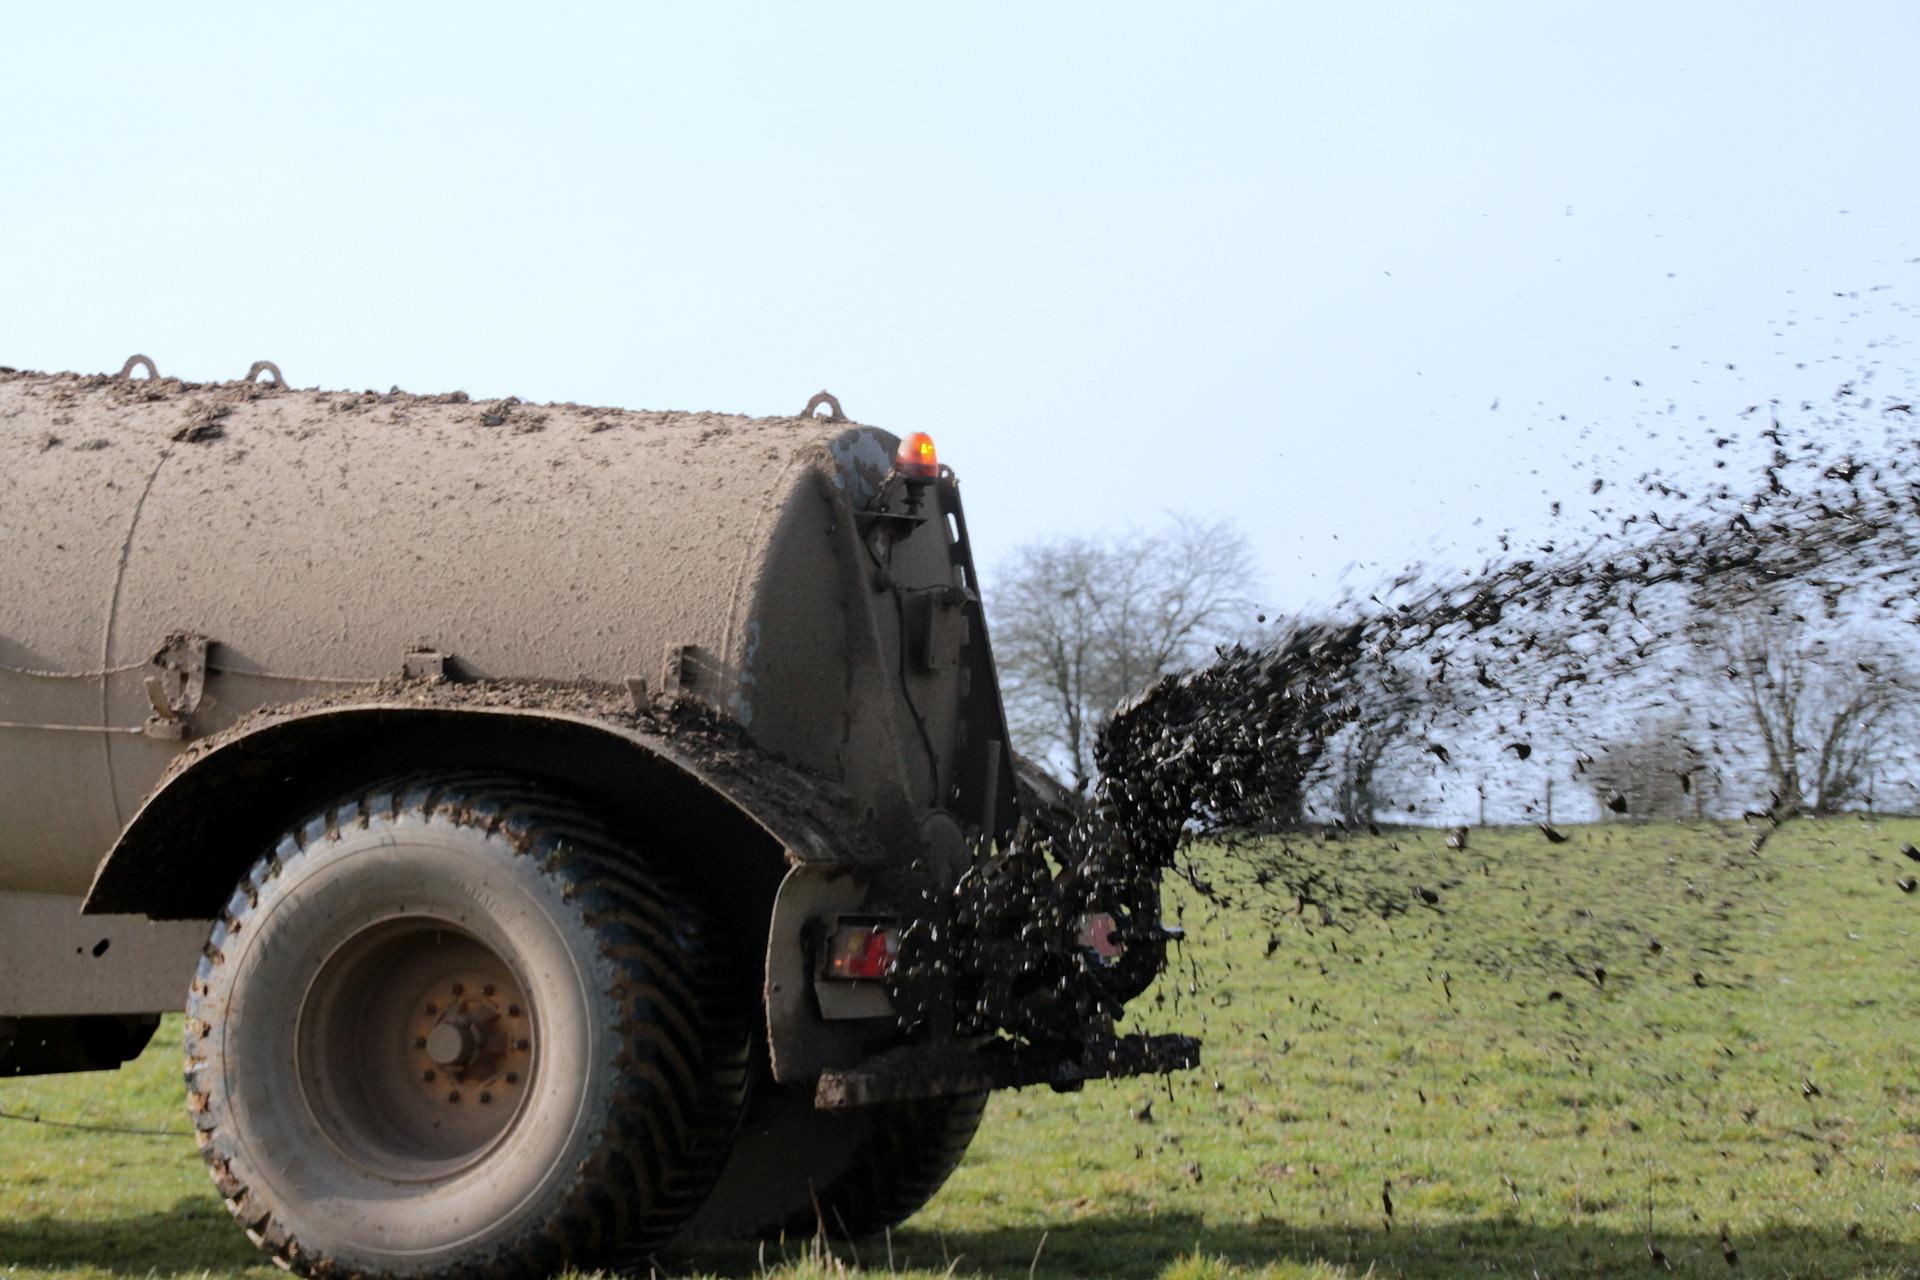 Düngemittel in der Landwirtschaft beeinträchtigen nach wie vor die Gewässerqualität in Deutschland.